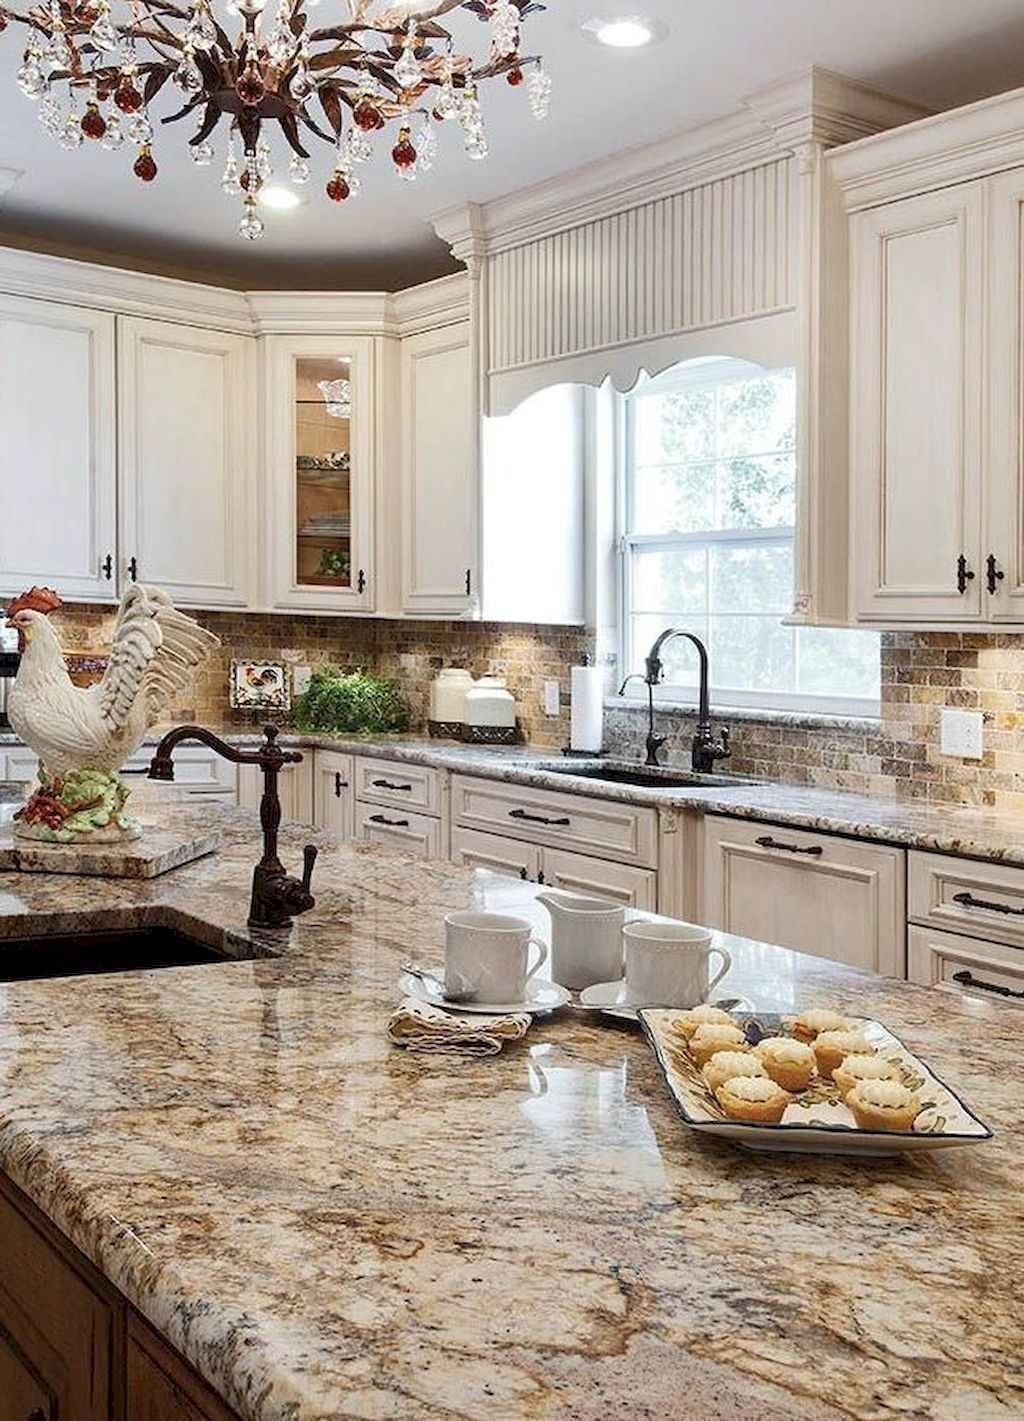 Best 100 White Kitchen Cabinets Decor Ideas For Farmhouse Style Design Page Cabinets Deco In 2020 Landkuchendesign Franzosische Landhauskuche Kuche Landhausstil